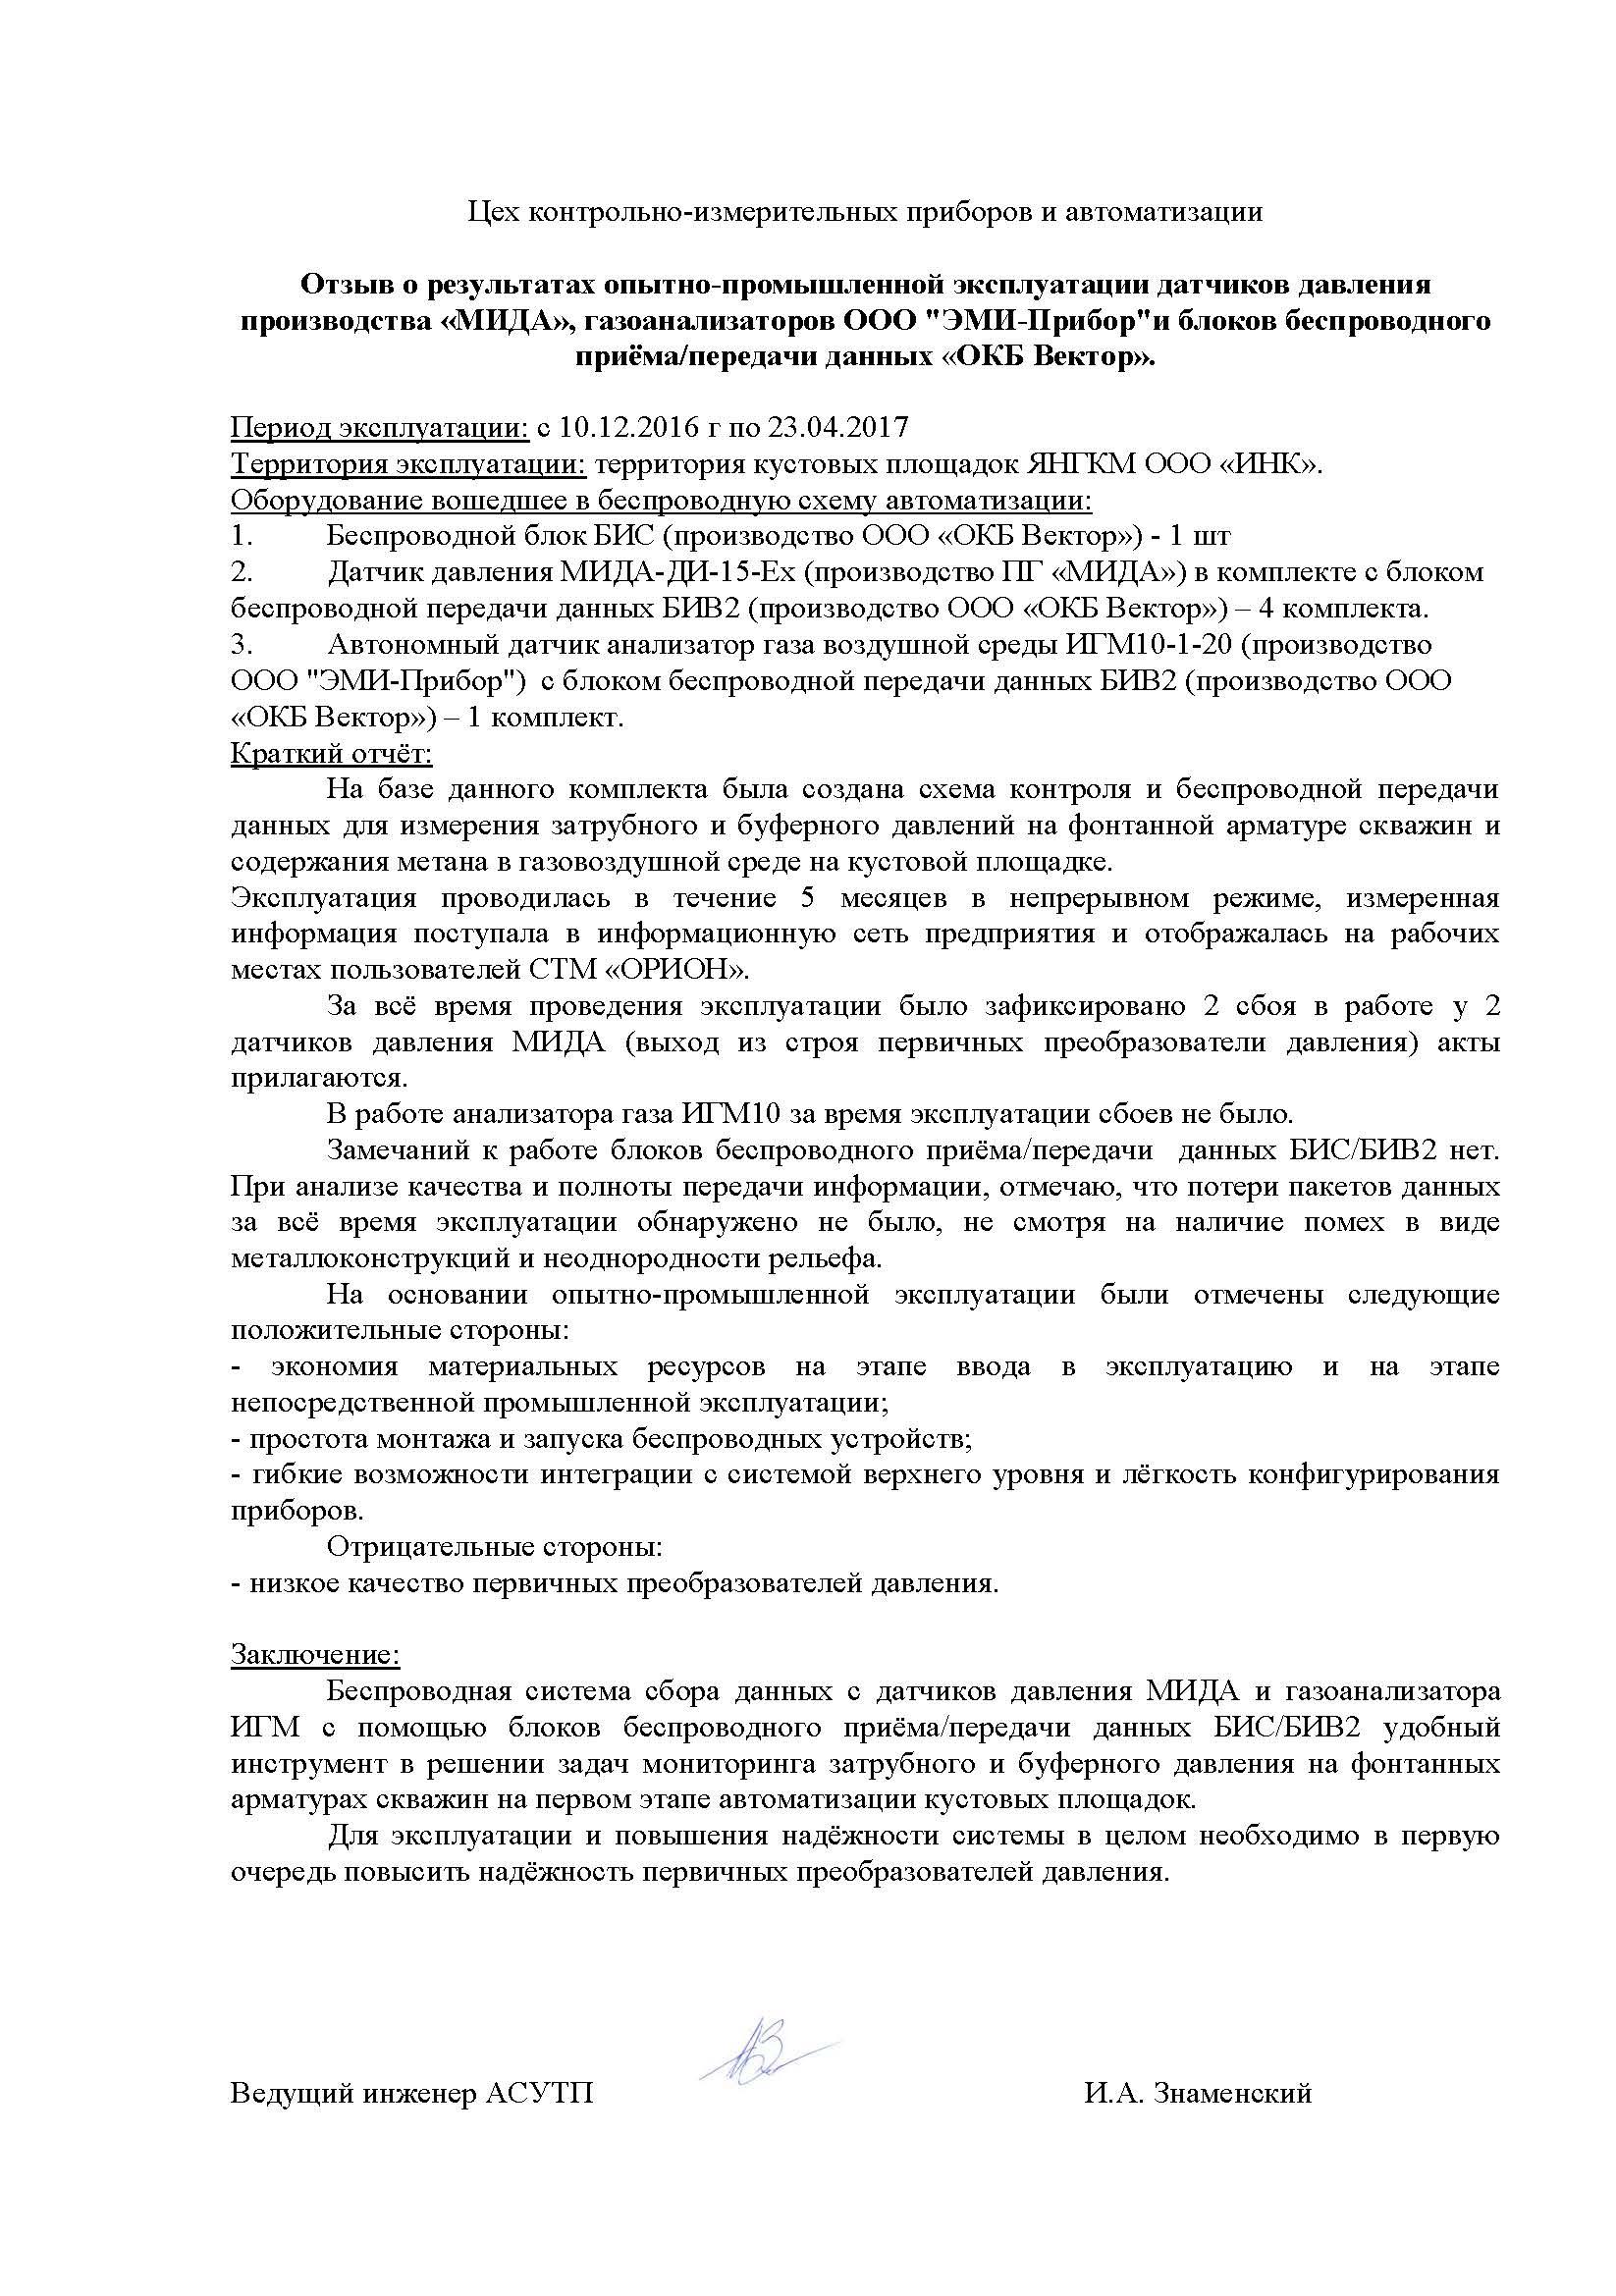 Иркутская нефтяная компания